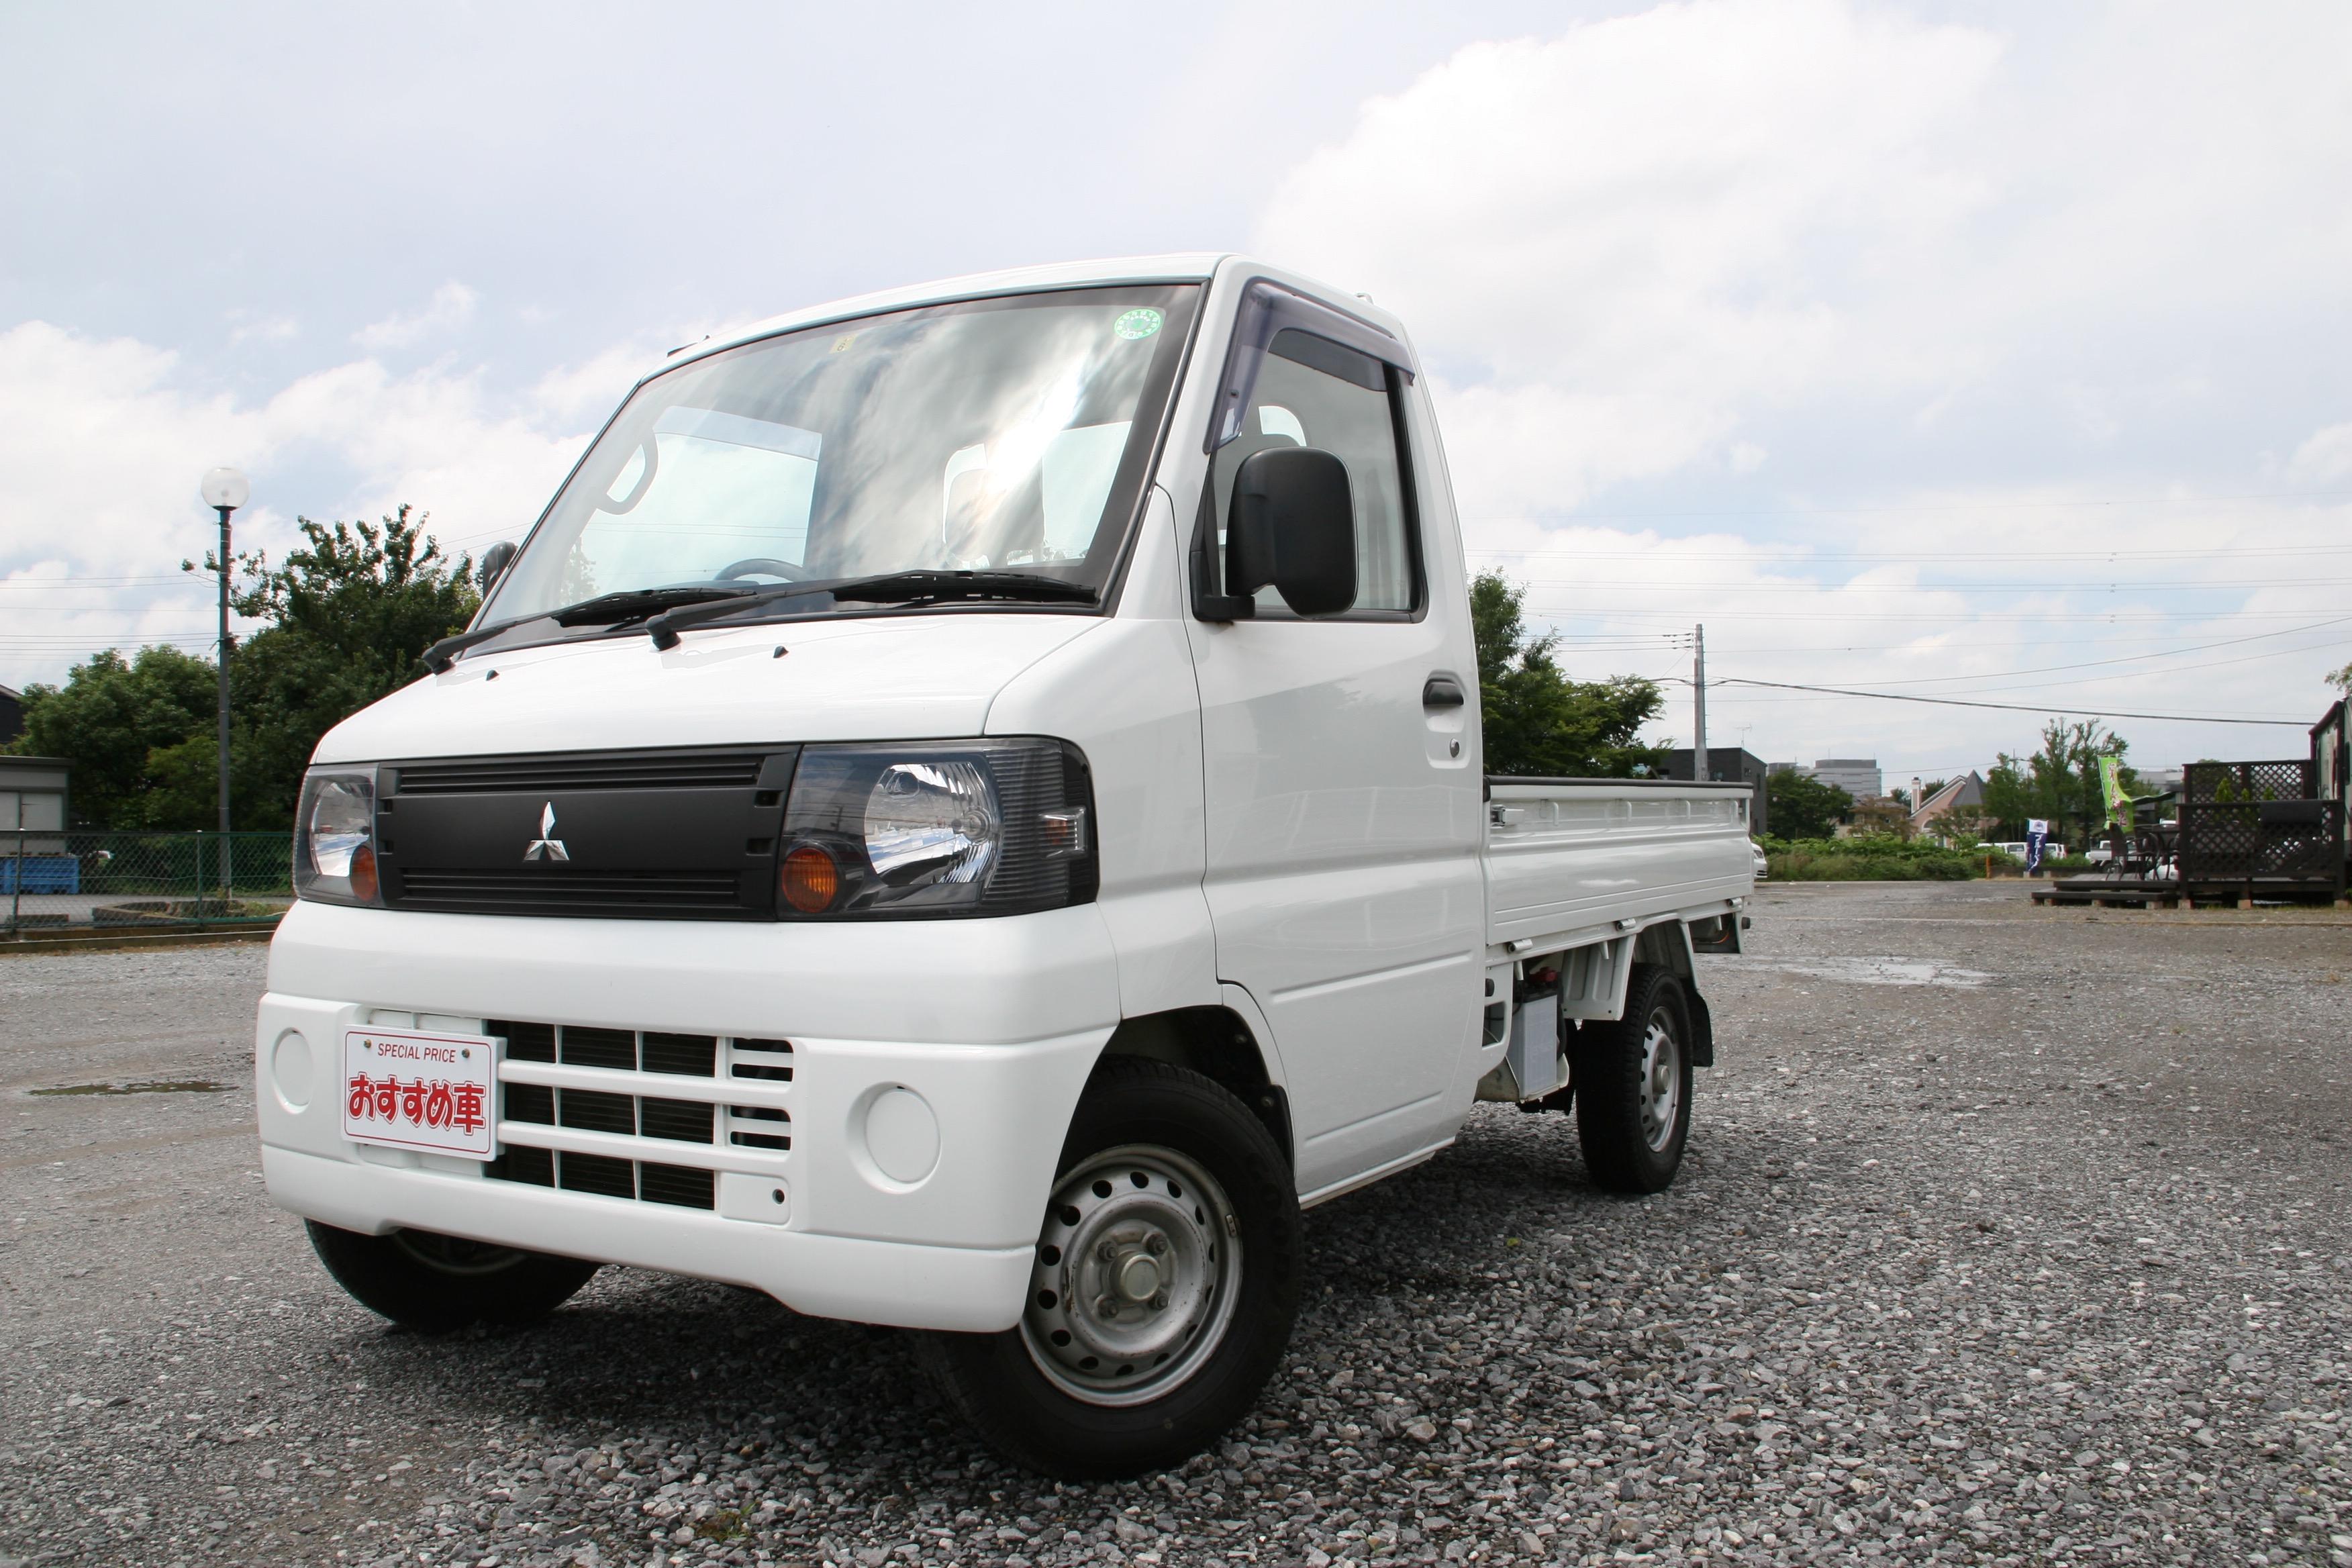 三菱 ミニキャブトラック タイミングベルト交換済み  税込36万2千円